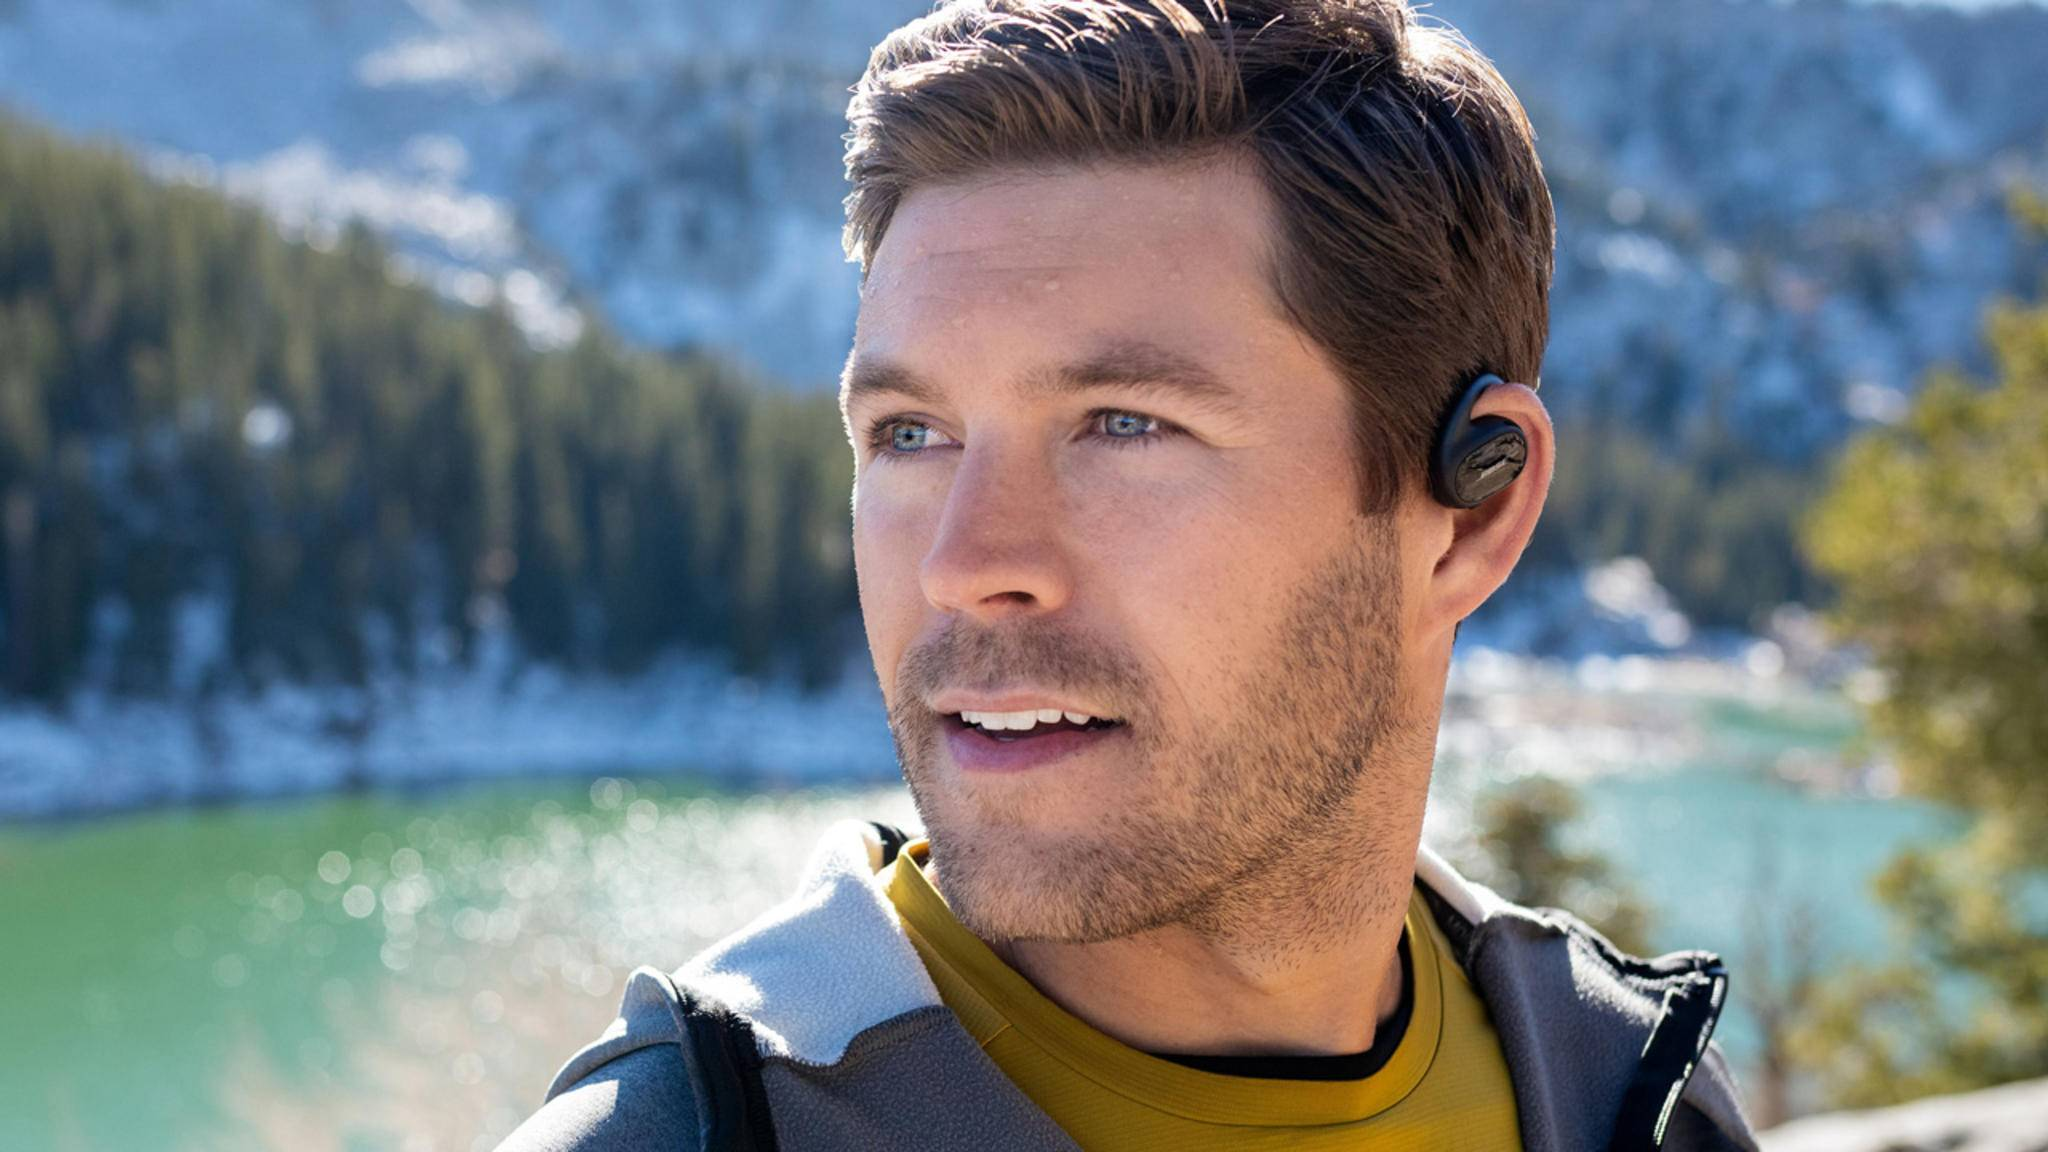 Die Bose Sport Open Earbuds werden nicht im Ohr getragen, sondern direkt darüber.